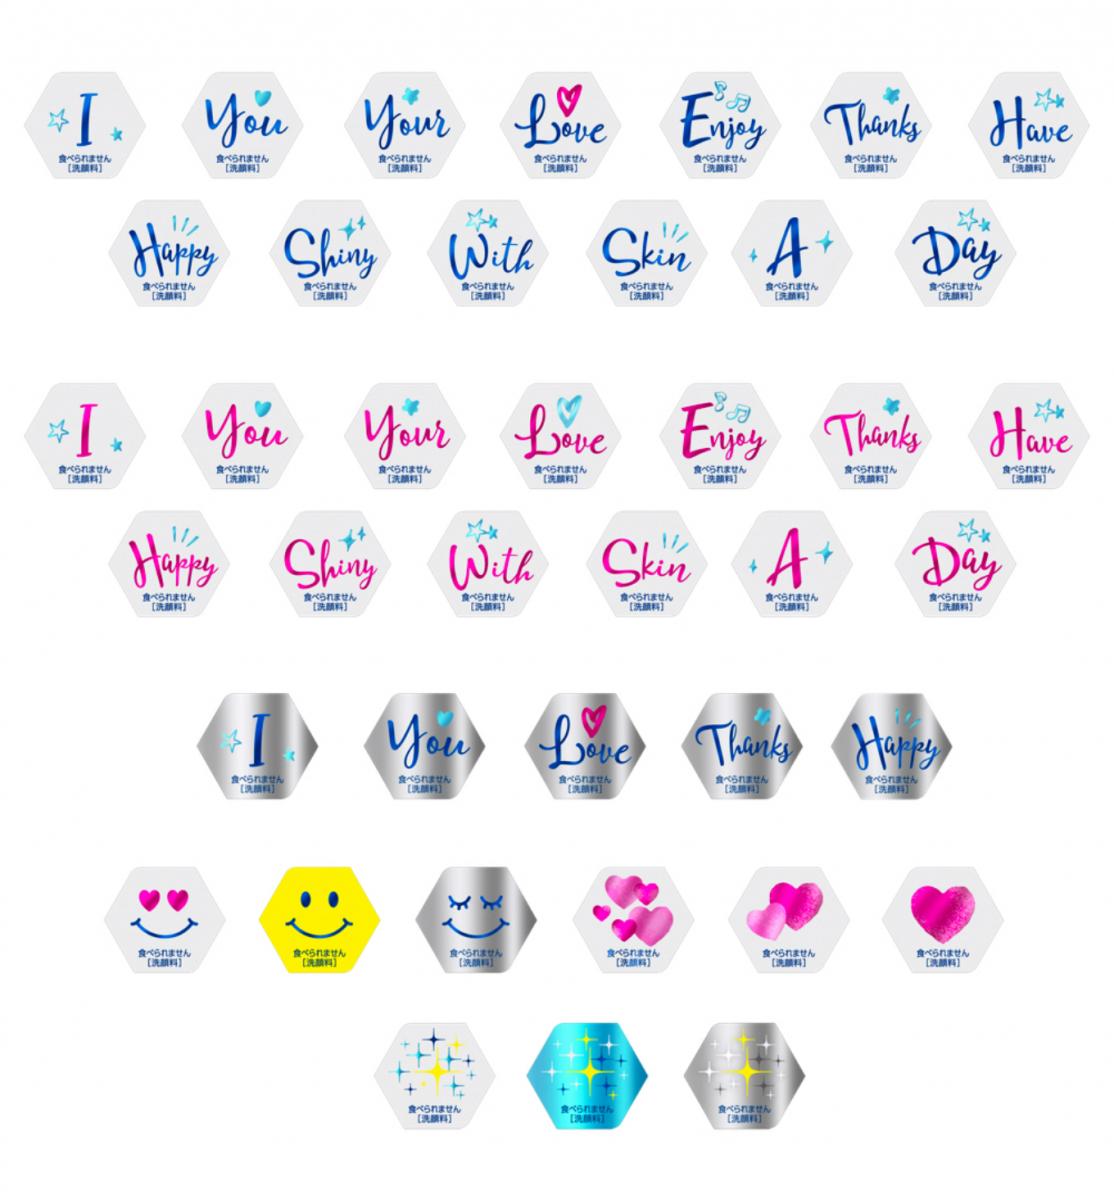 1つの商品には13種類の文字と3種類のイラスト、計16種のデザインがイン